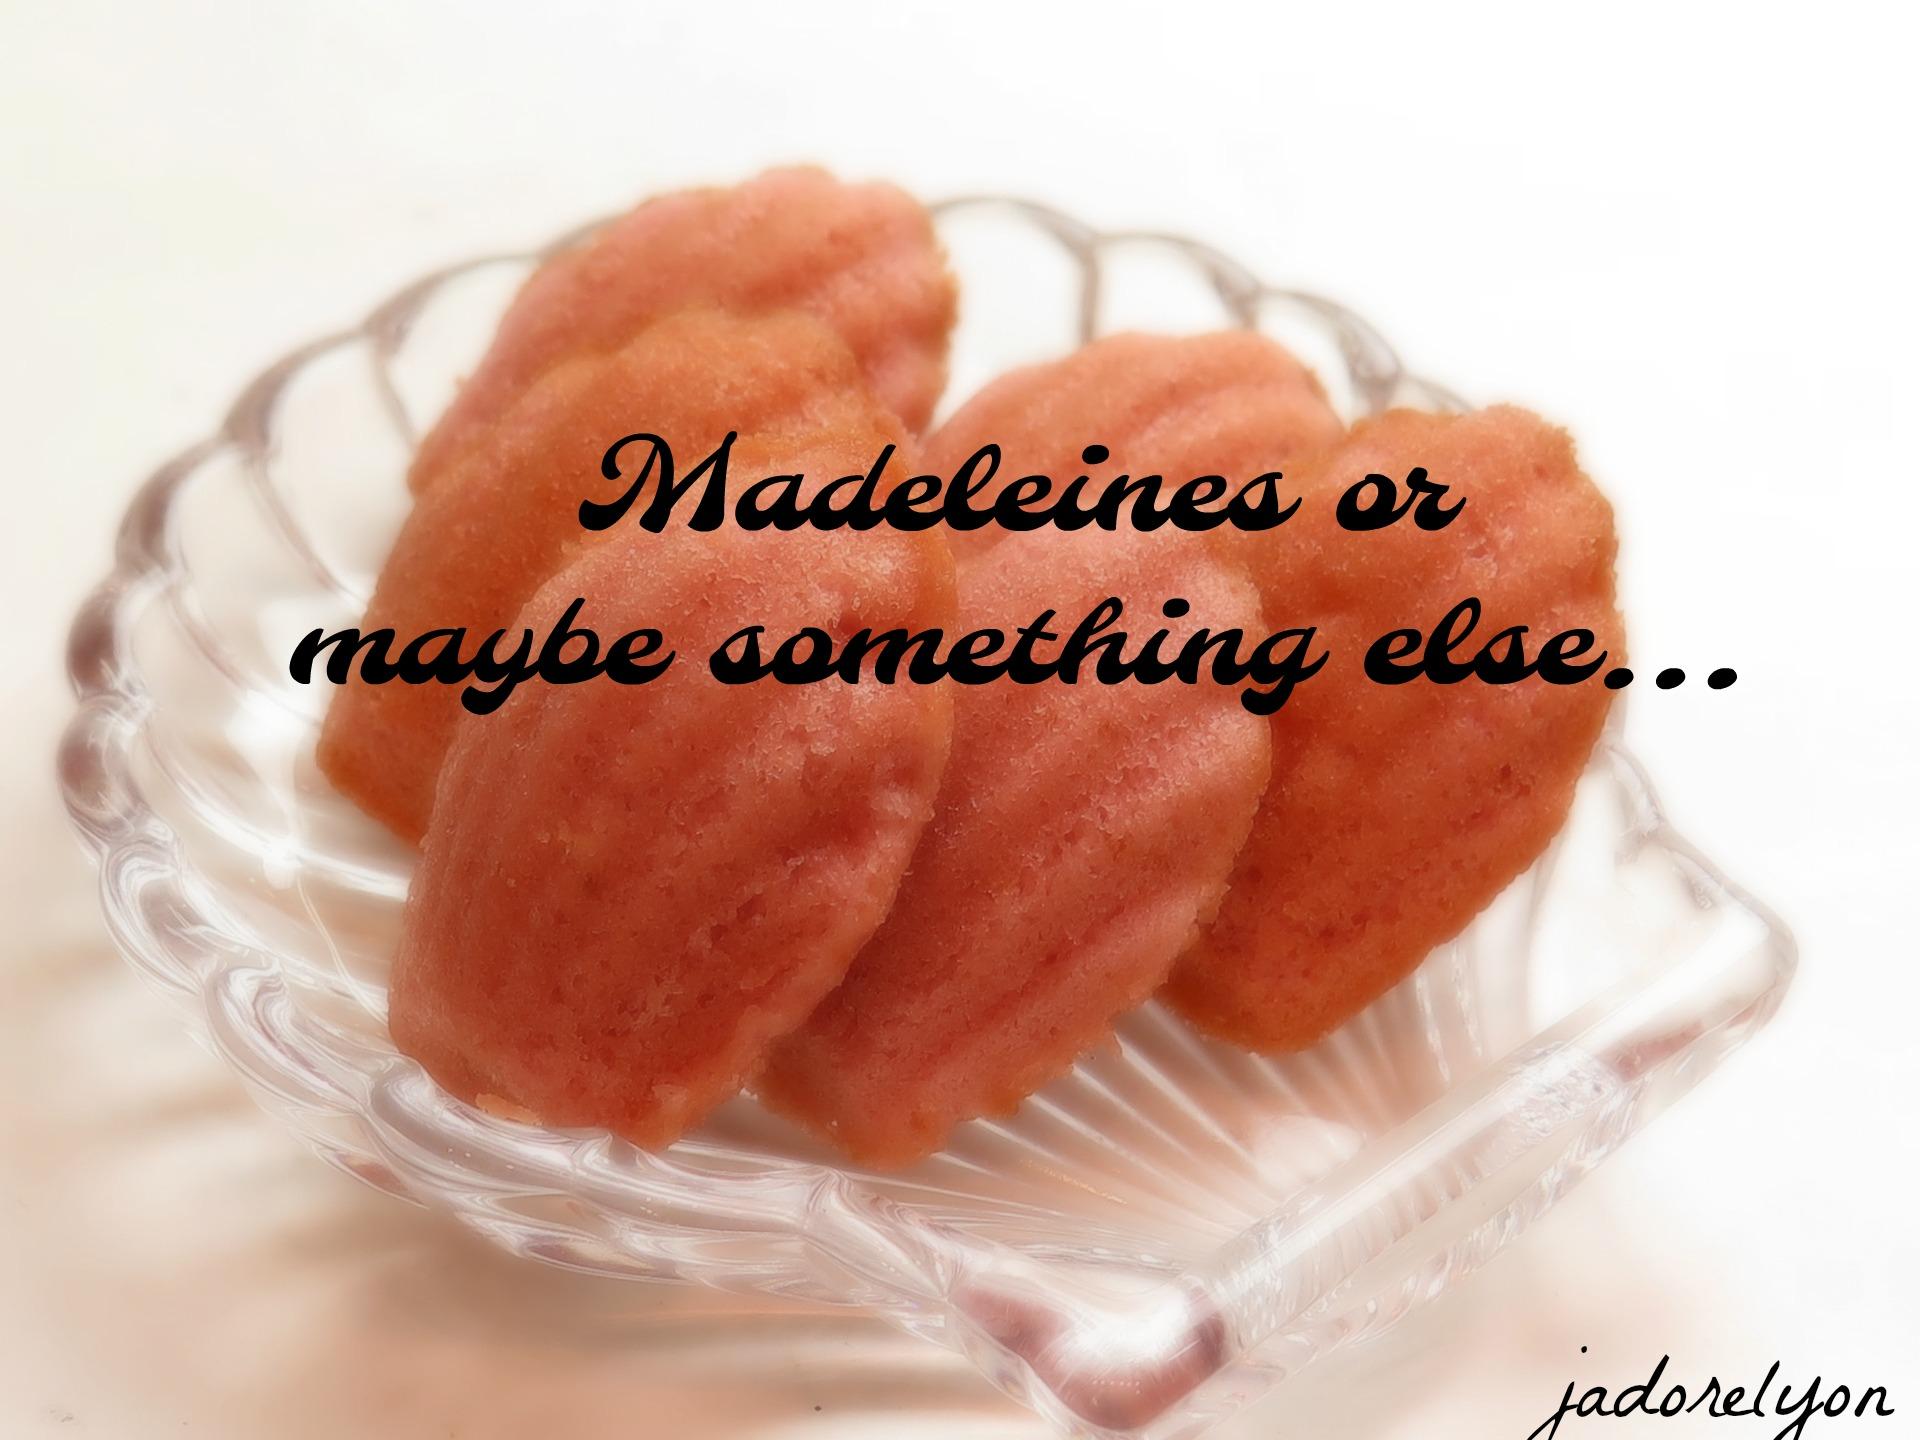 Madeleines or better a madeleine